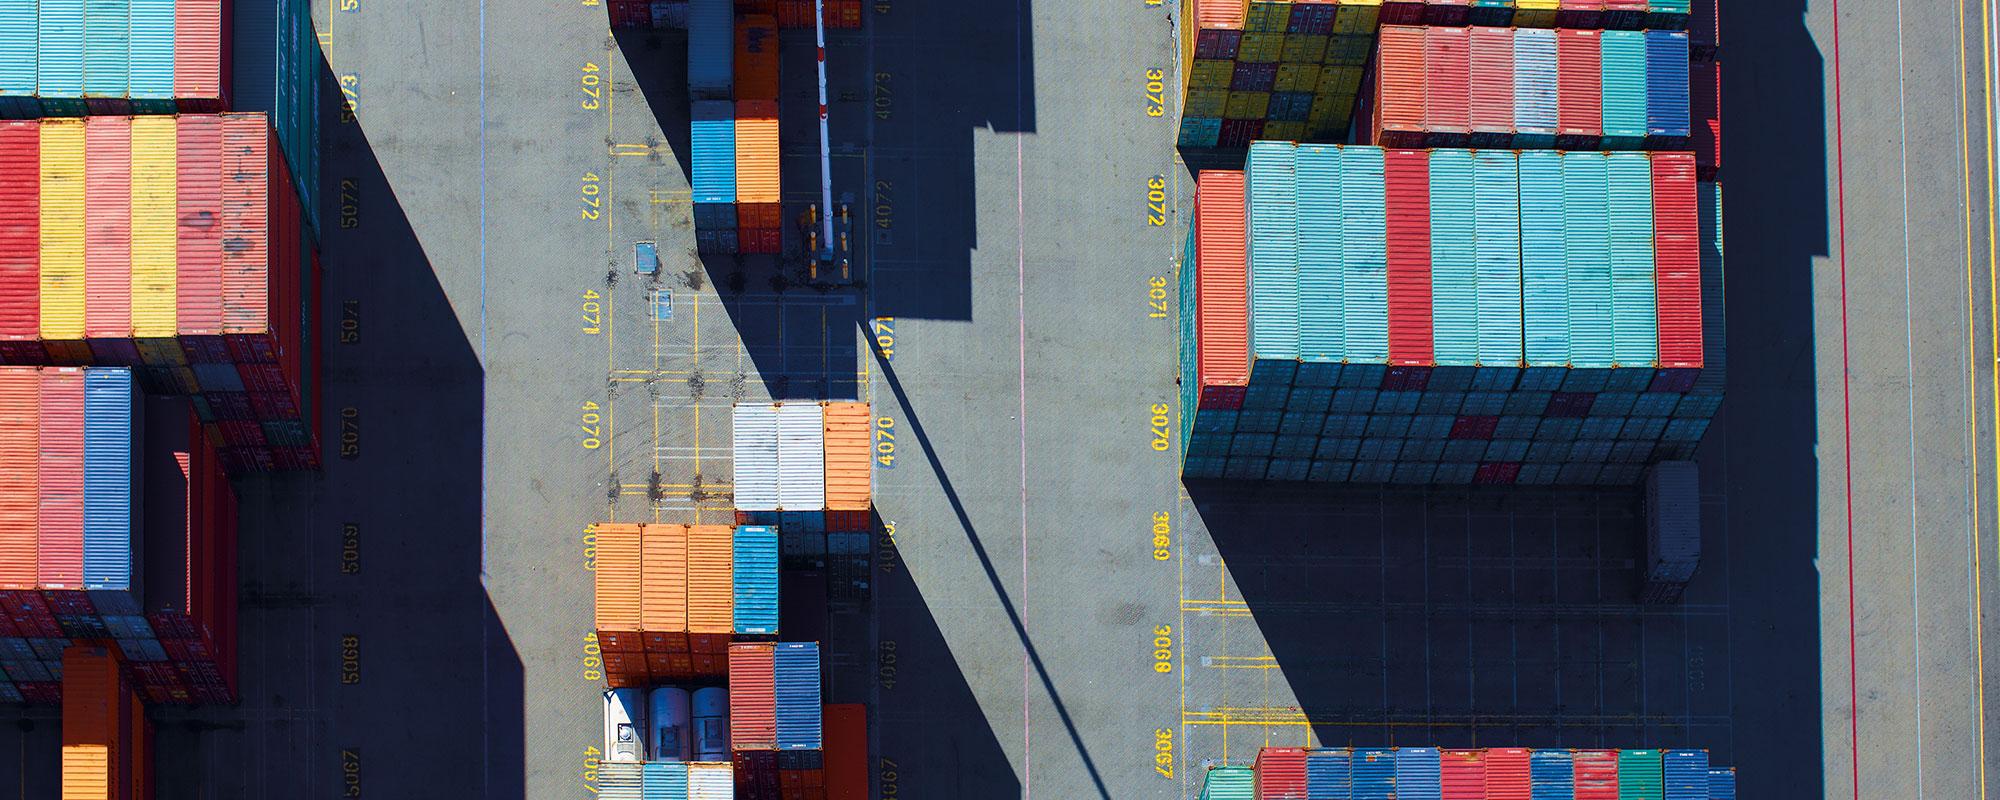 Aucun container ne reste inutilisé grâce à l'application ReUse d'Avantida.